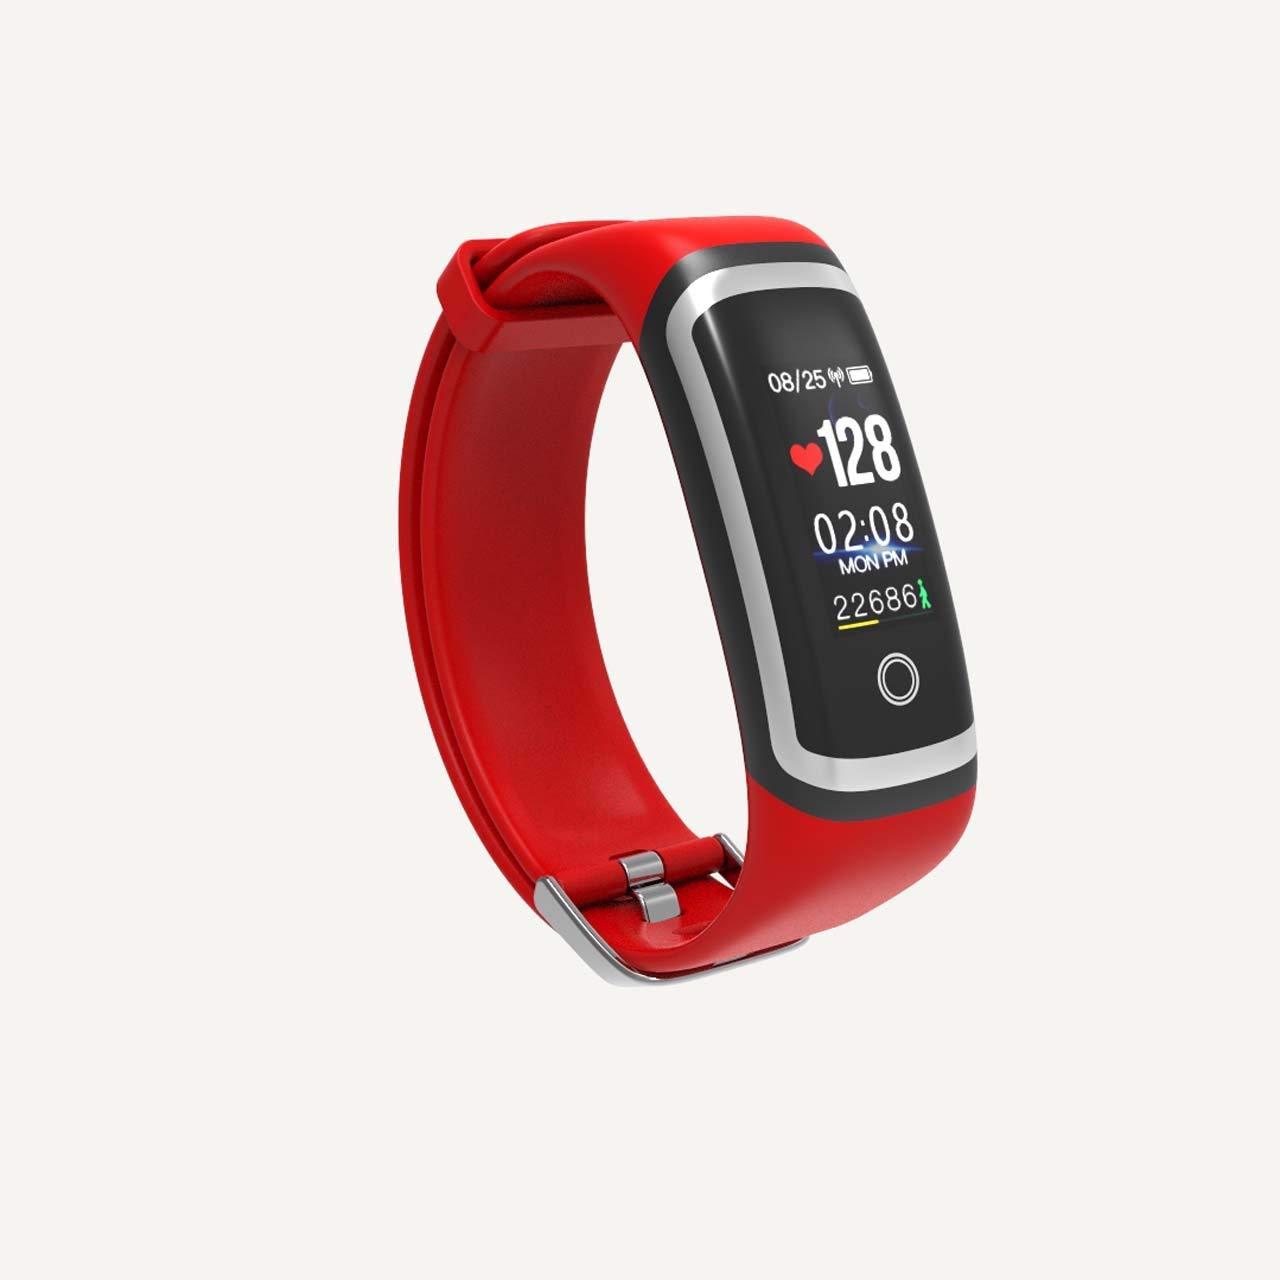 CYHY Rastreador de actividad, pantalla táctil de 0,96 pulgadas Pantalla a color Frecuencia cardíaca Monitoreo de la presión arterial Deportes IP67 a prueba de agua Pulsera inteligente Standby larga or